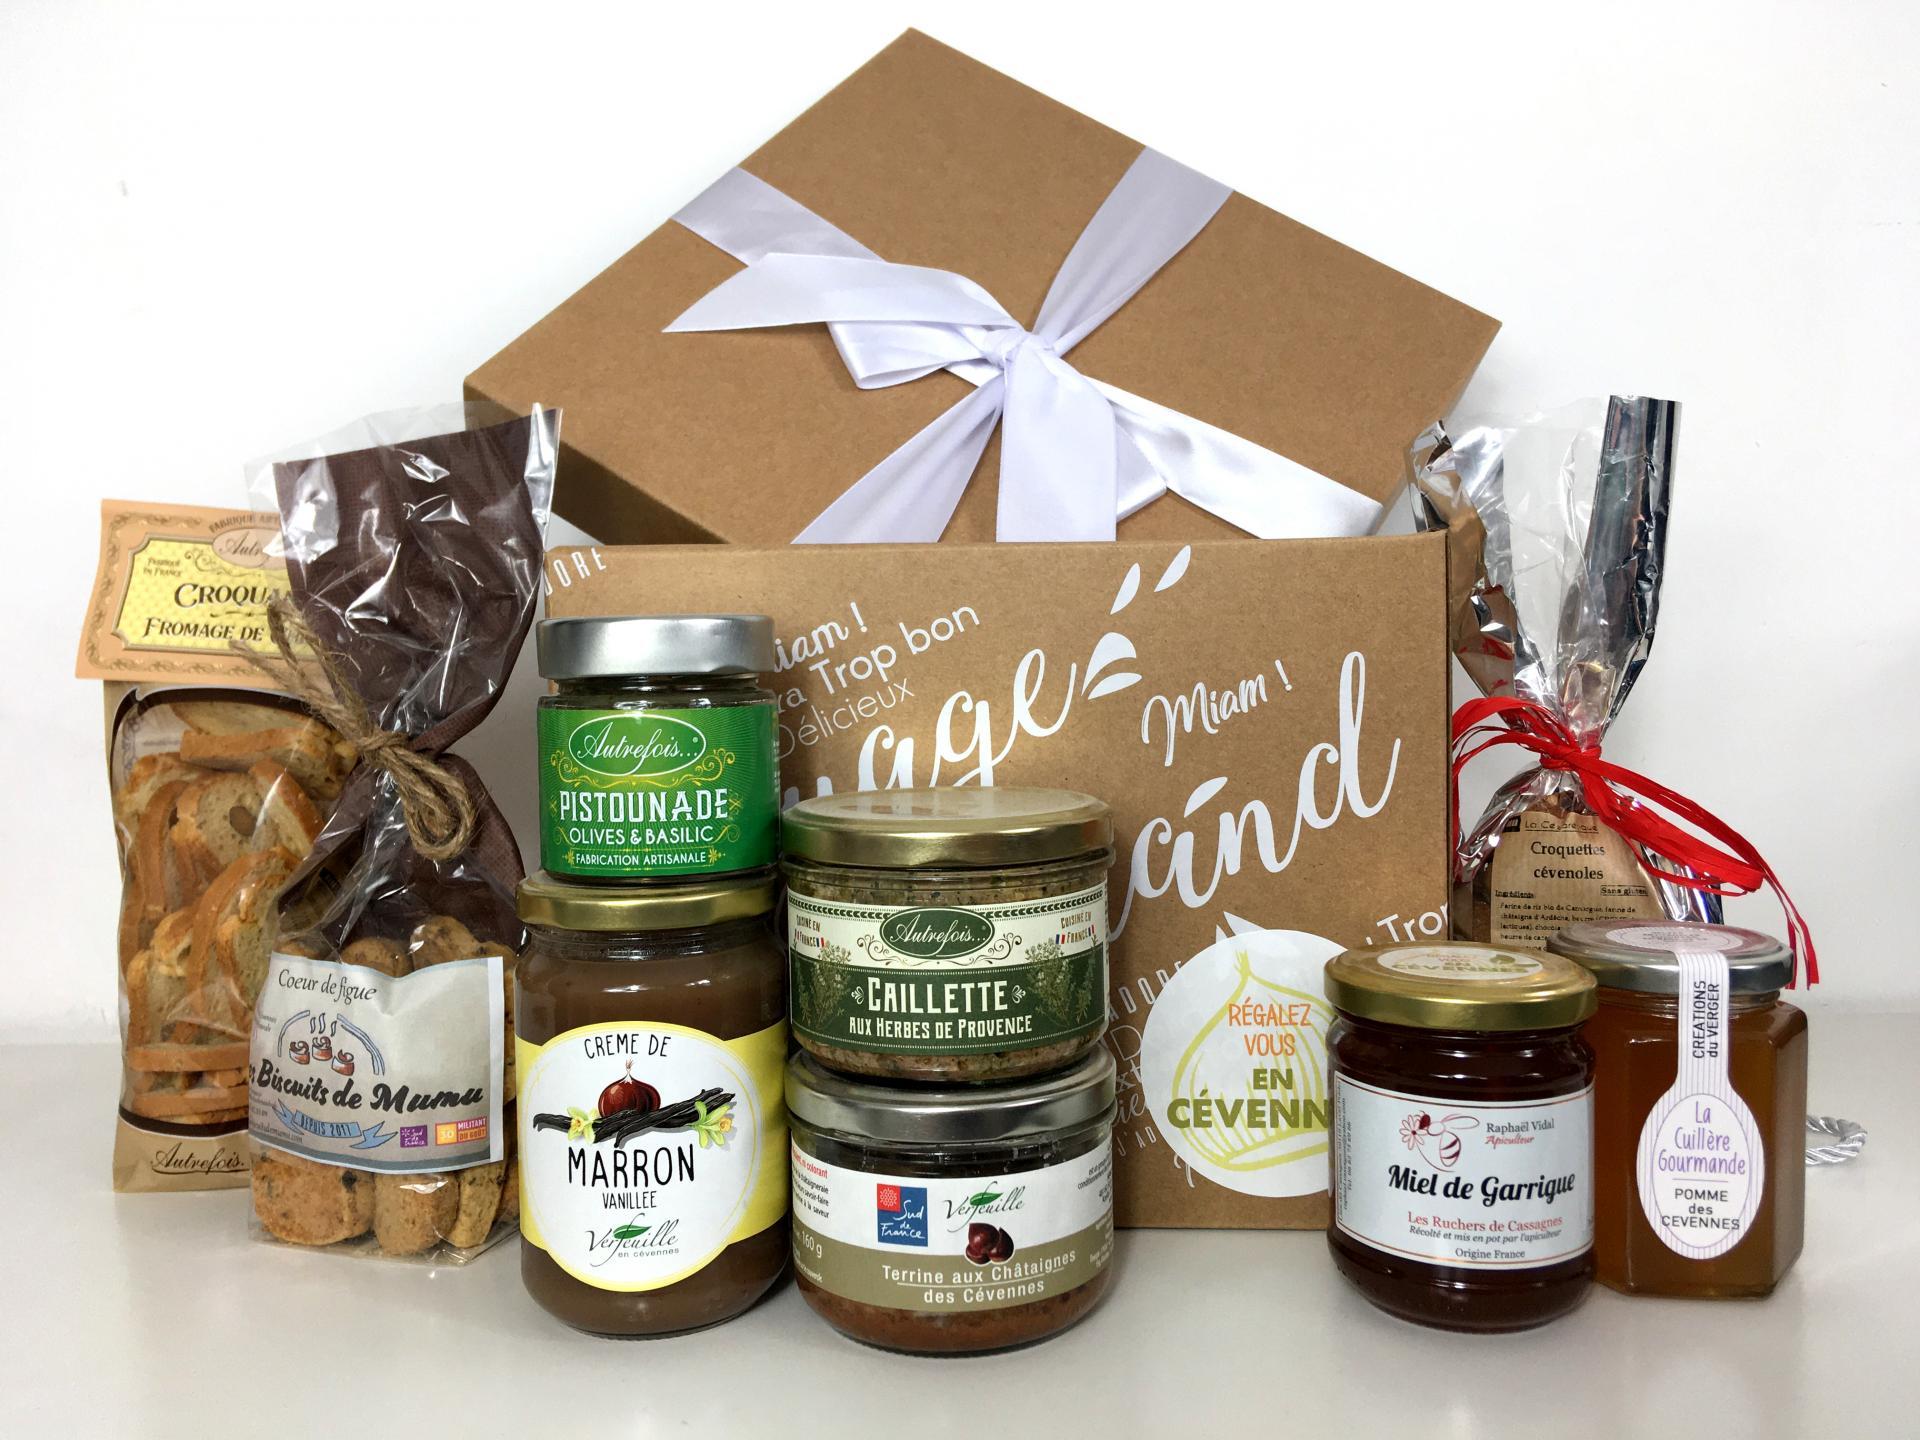 Box des cevennes boite cadeau produits du terroir des cevennes 1